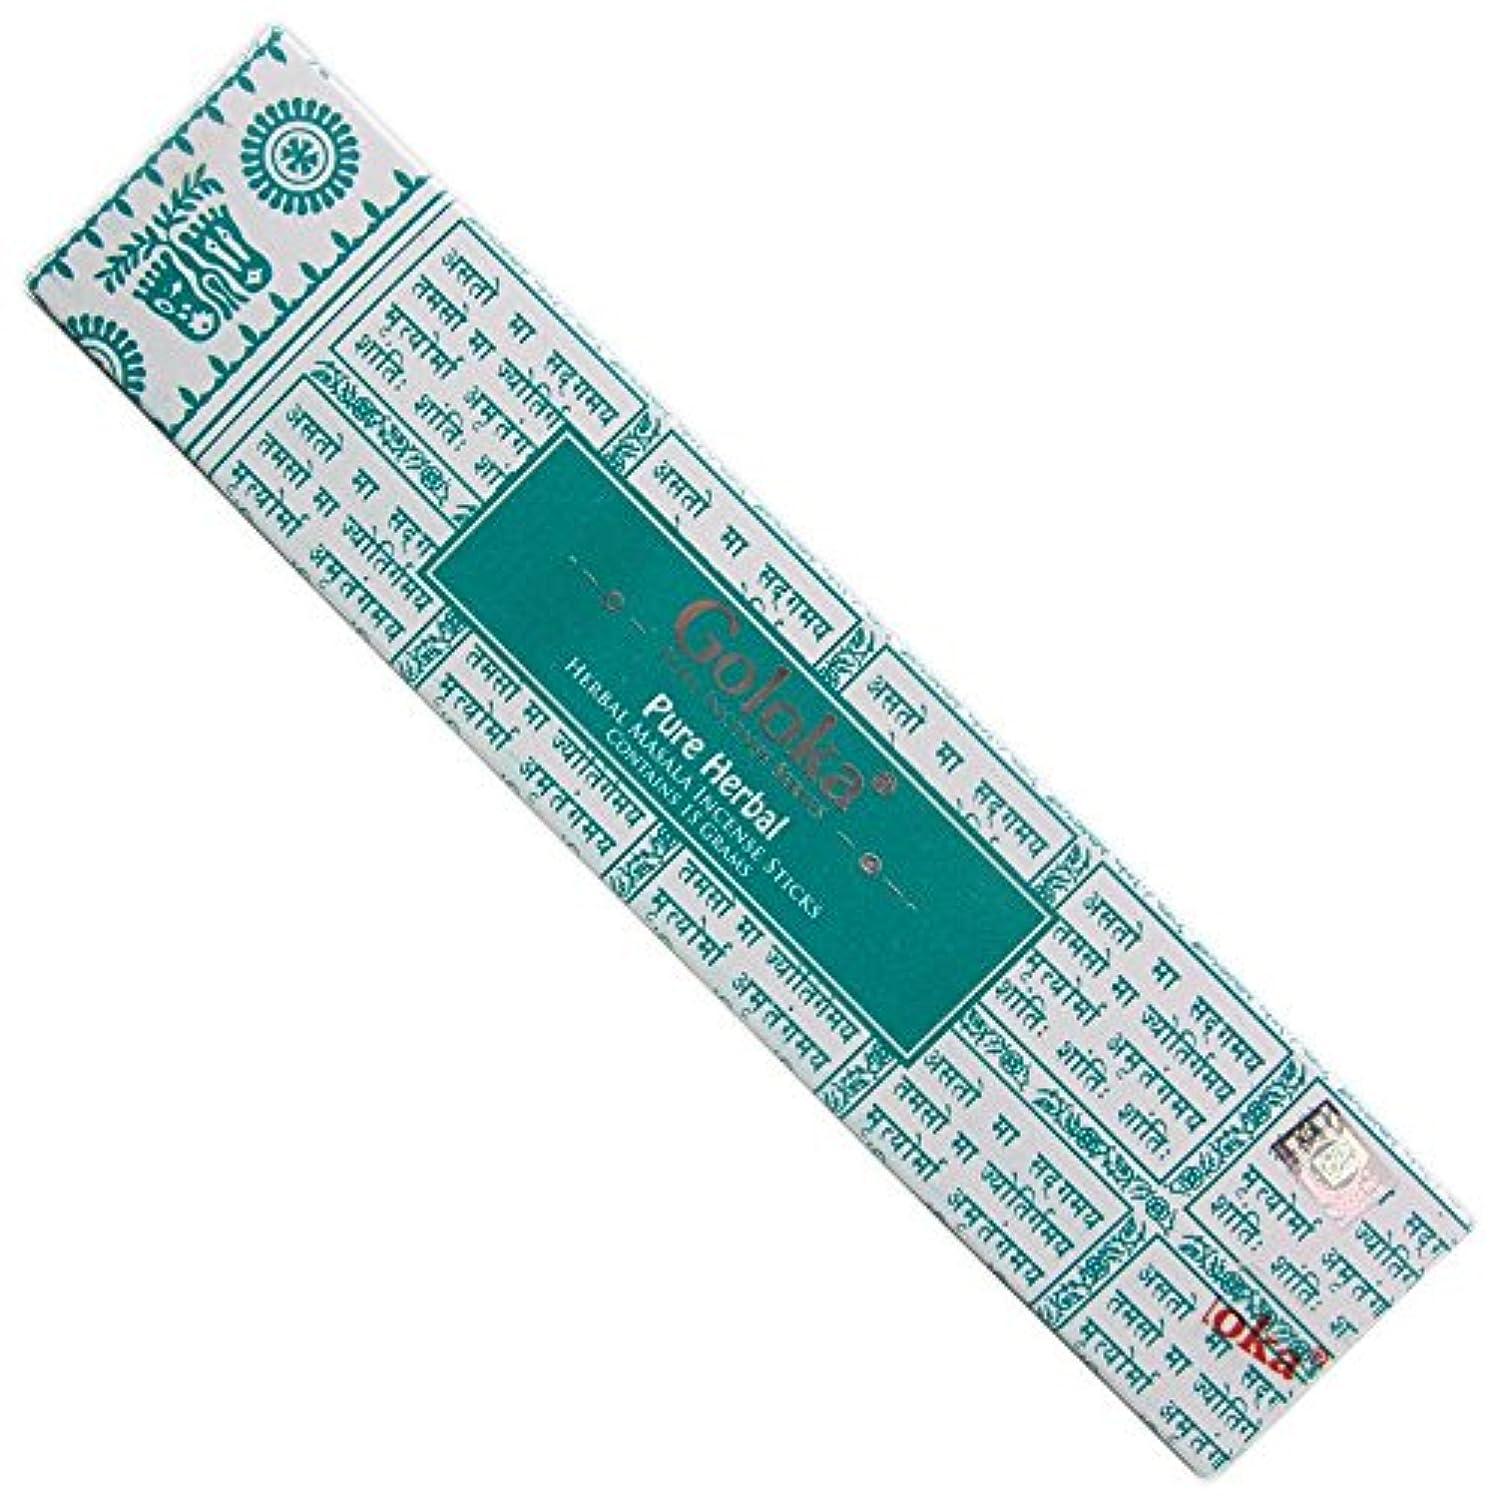 塗抹中に現金Goloka – Pureハーブ – Herbal Incense Sticks – 12ボックスの15グラム合計180グラム